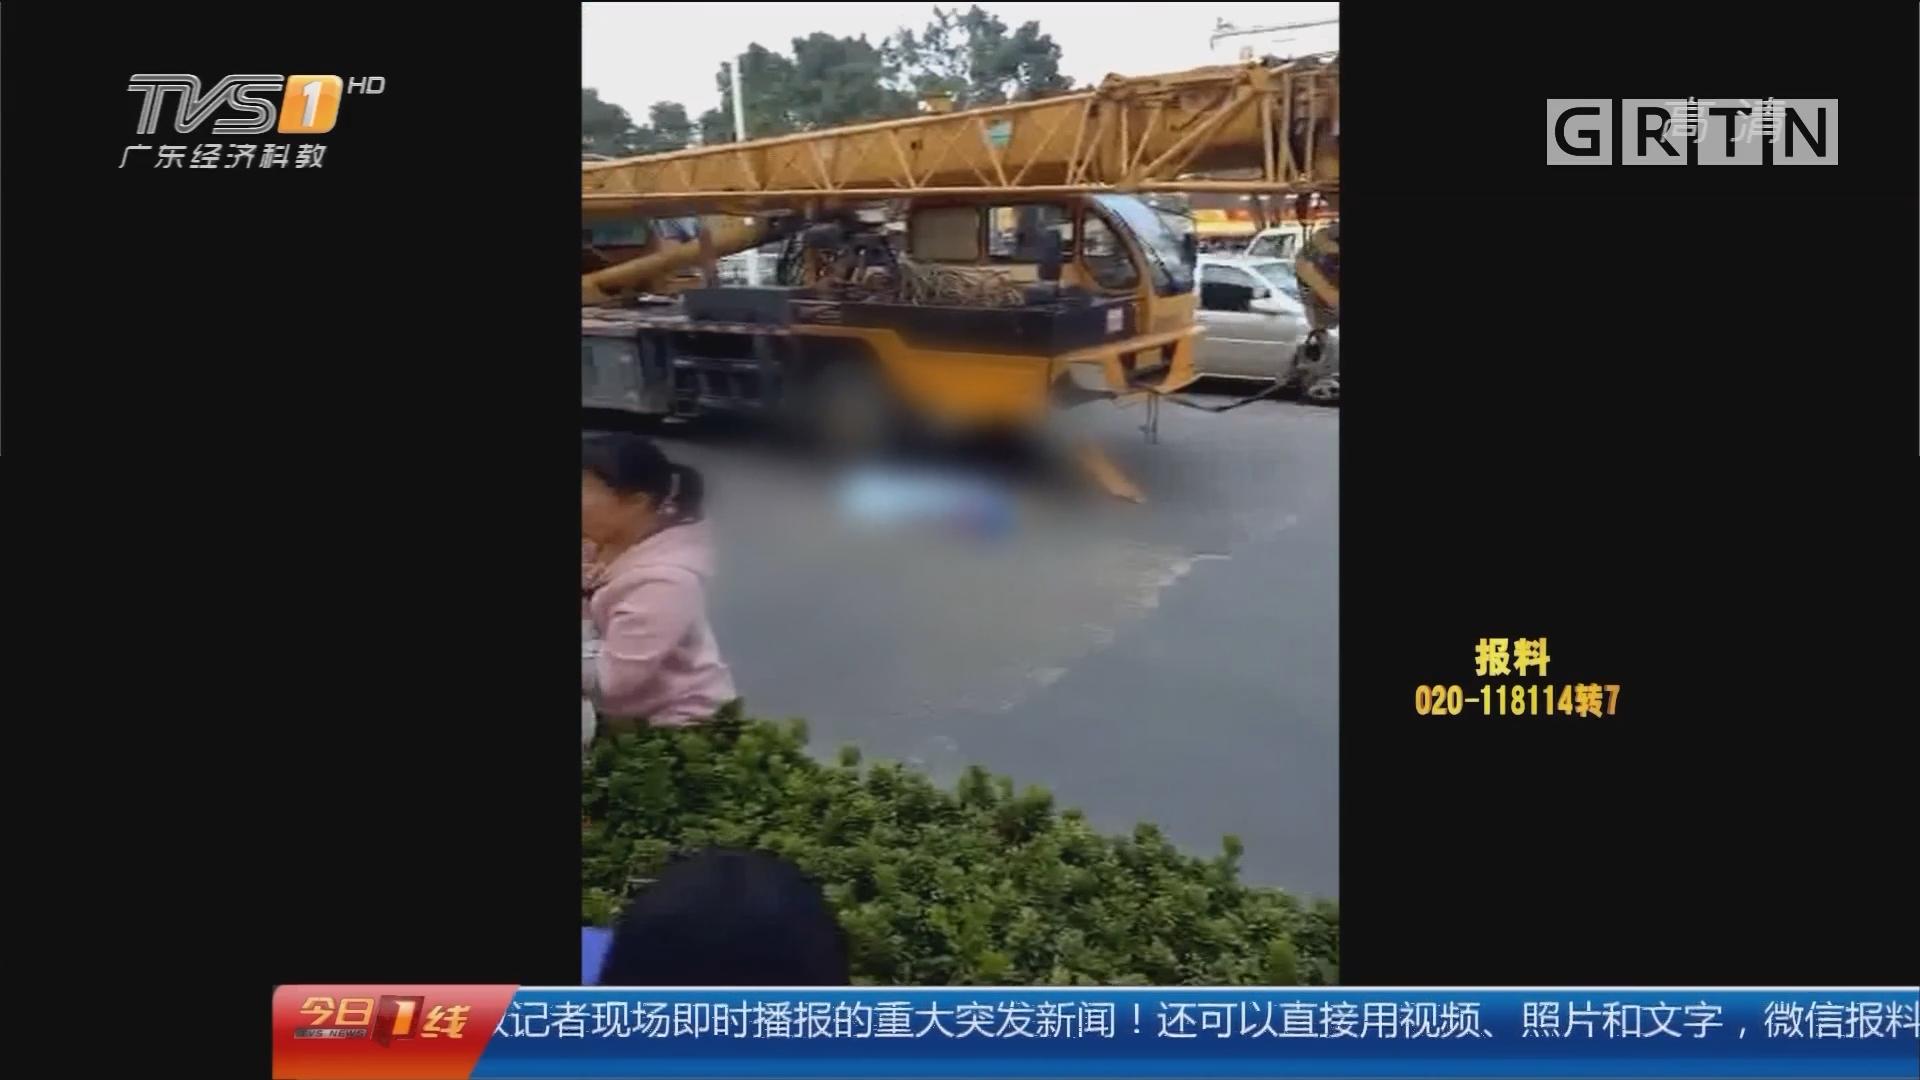 交通安全:珠海 学生过马路被撞身亡 肇事司机被拘